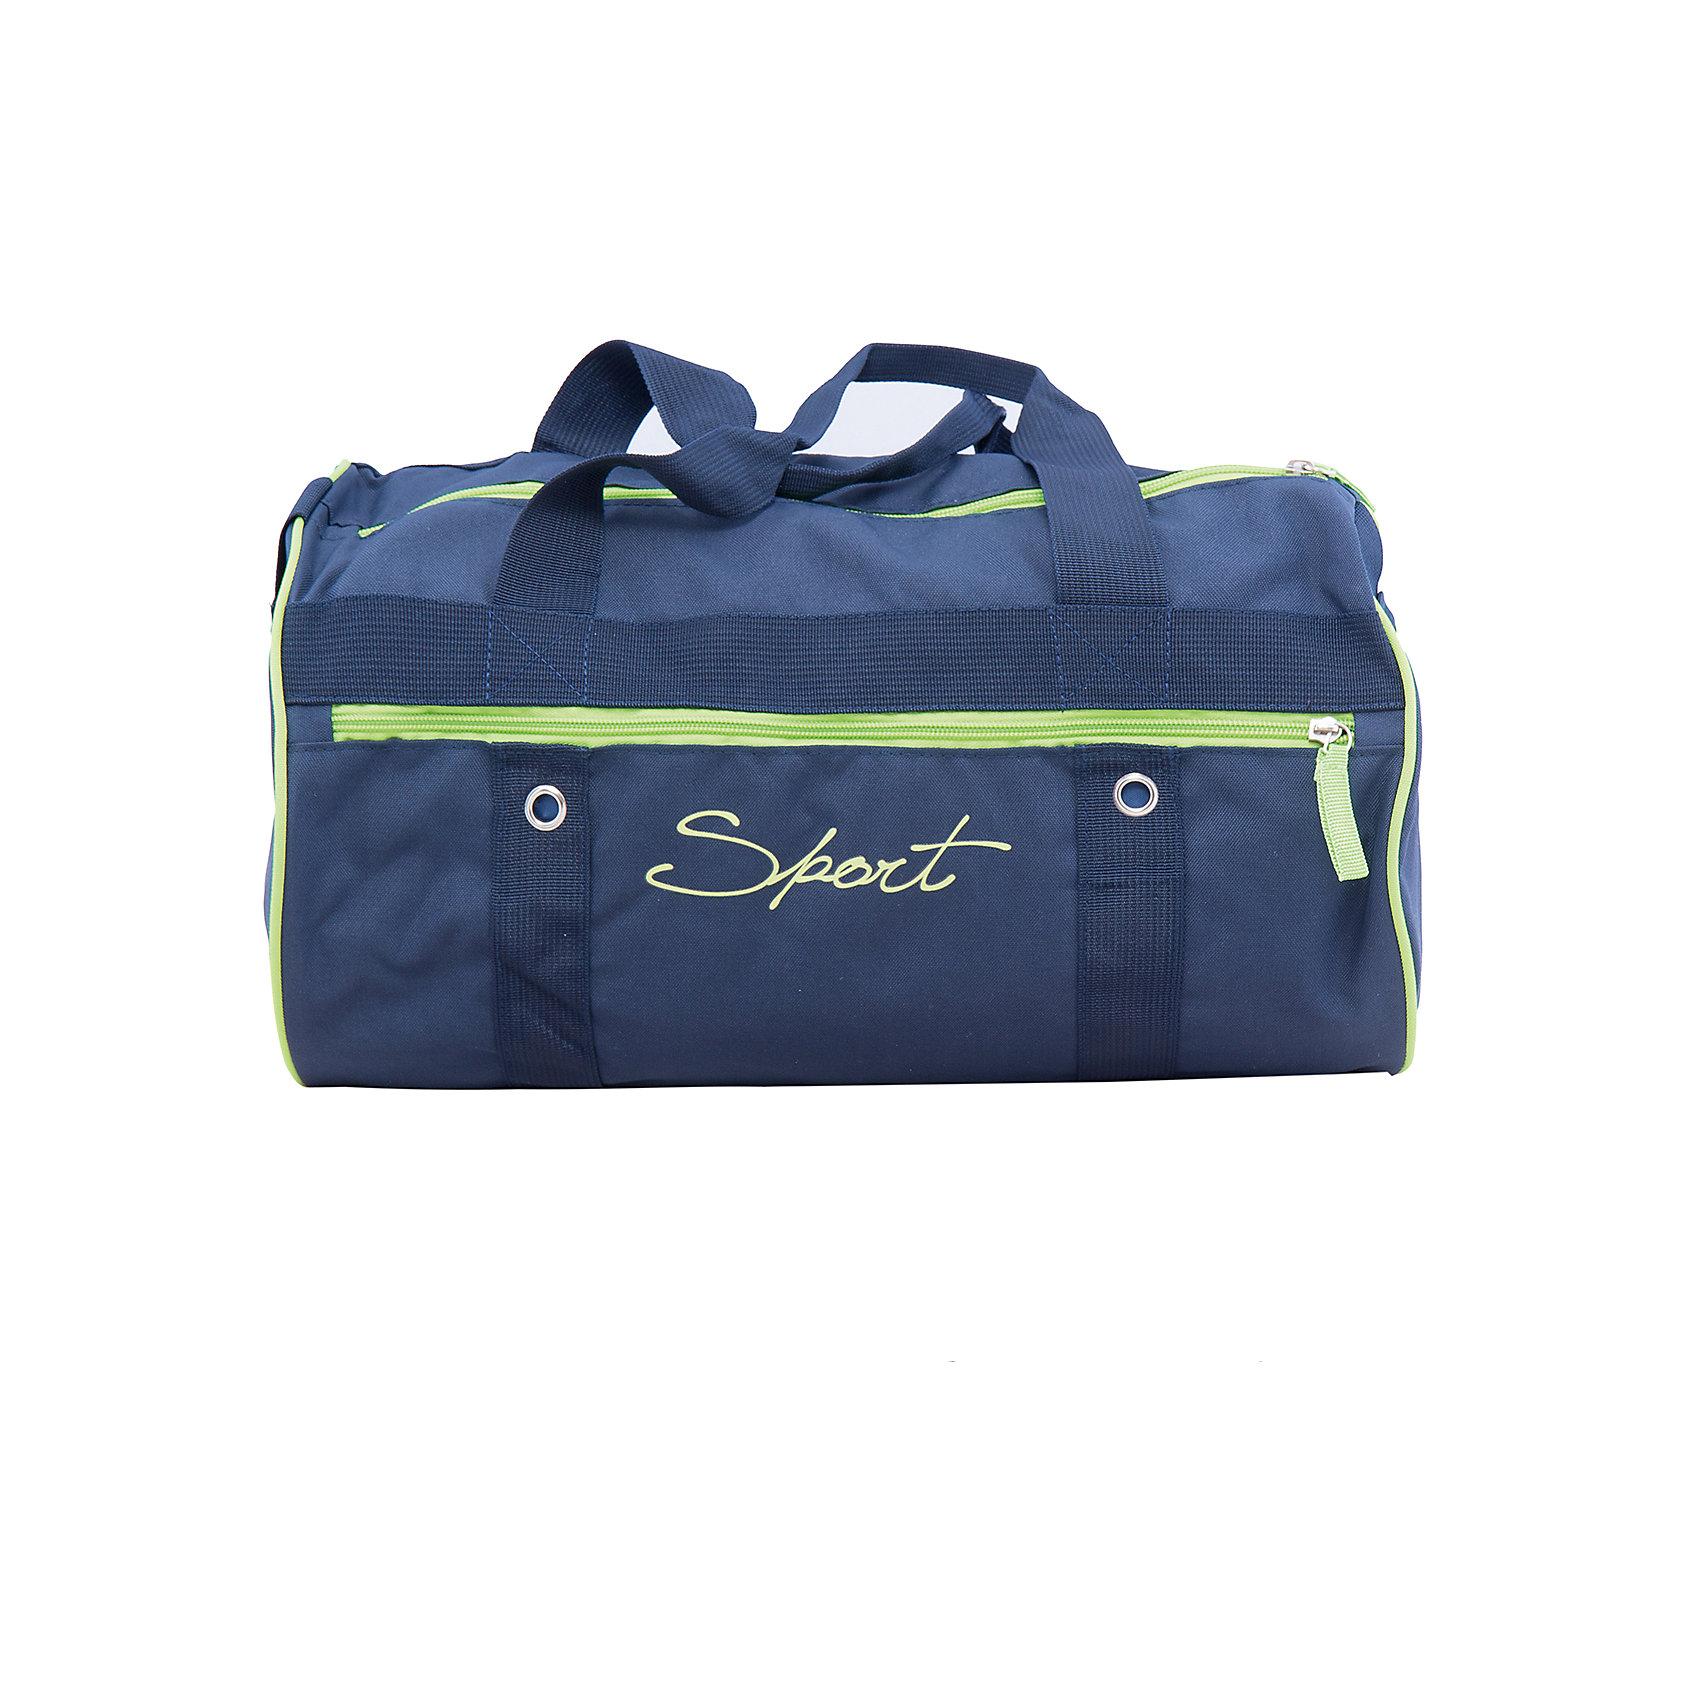 Сумка для девочки ScoolСпортивные сумки<br>Характеристики товара:<br><br>• цвет: синий<br>• состав: 100% полиэстер<br>• подкладка: 100% полиэстер<br>• внутренний непромокаемый карман<br>• наружные карманы<br>• объемный карман для обуви<br>• удобные широкие ручки<br>• ширина: 30 см<br>• глубина: 25 см<br>• высота: 50 см<br>• страна бренда: Германия<br>• страна производства: Китай<br><br>Спортивная сумка с надписью для девочки Scool. Модель, в которой все продумано до мелочей. Сумка оснащена объемным карманом для обуви, чтобы одежда оставалась чистой. Внутри есть непромокаемый карман, в который можно положить мокрую одежду после бассейна. Дополнительные наружные карманы и широкие ручки – максимальное удобство и функциональность.<br><br>Сумку для девочки от известного бренда Scool можно купить в нашем интернет-магазине.<br><br>Ширина мм: 227<br>Глубина мм: 11<br>Высота мм: 226<br>Вес г: 350<br>Цвет: разноцветный<br>Возраст от месяцев: 60<br>Возраст до месяцев: 1188<br>Пол: Женский<br>Возраст: Детский<br>Размер: one size<br>SKU: 5407199